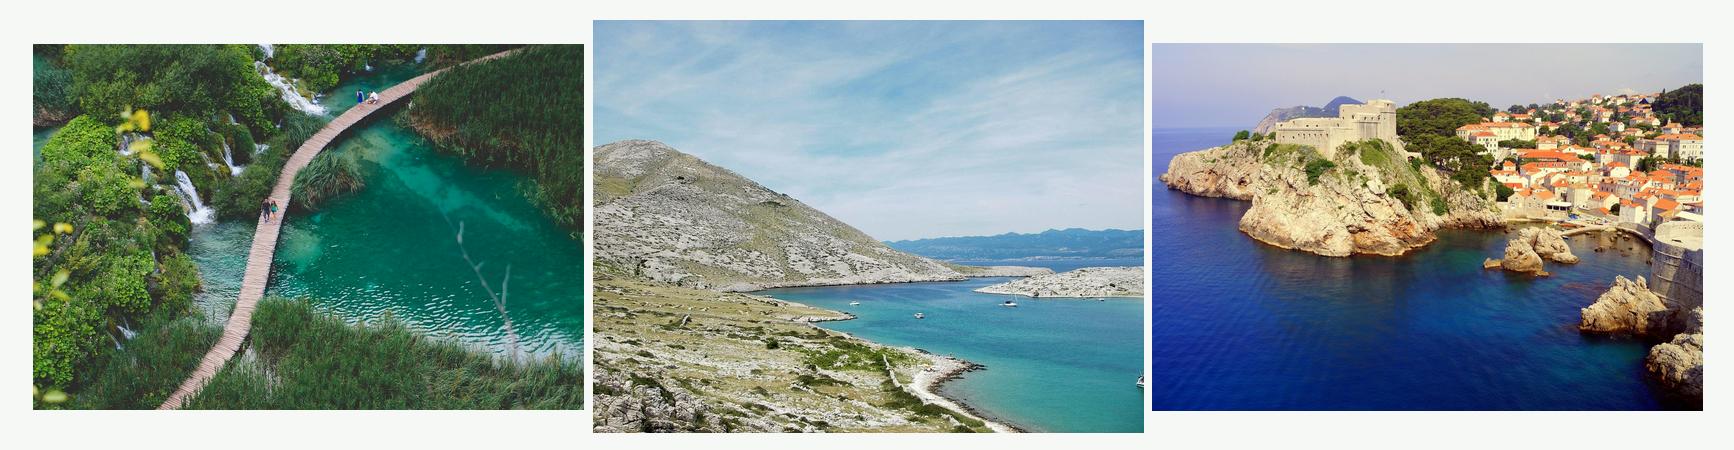 horvátország nyaralás